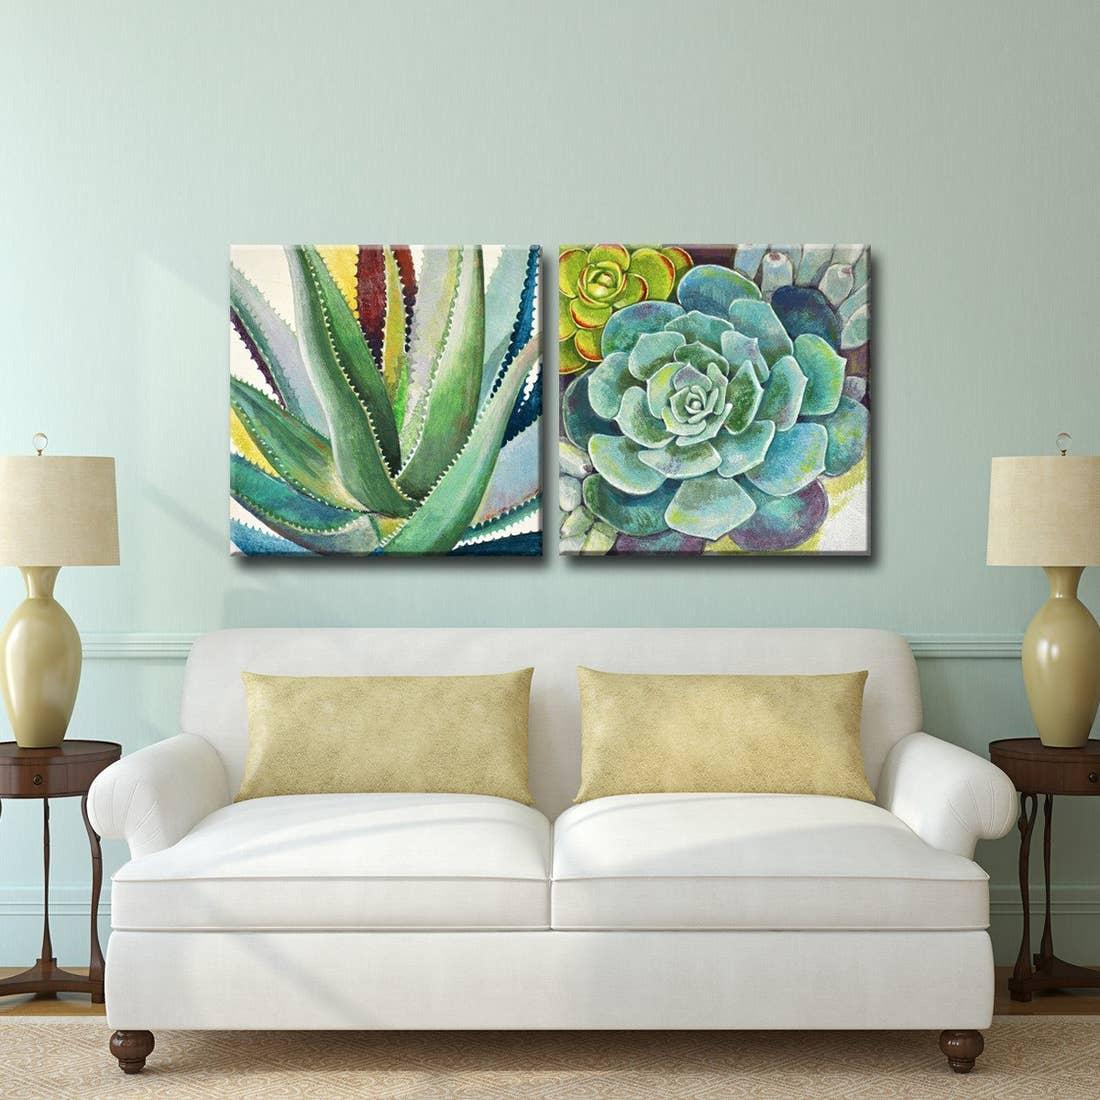 'Ready2HangArt™_'Brilliant_Succulents_I: